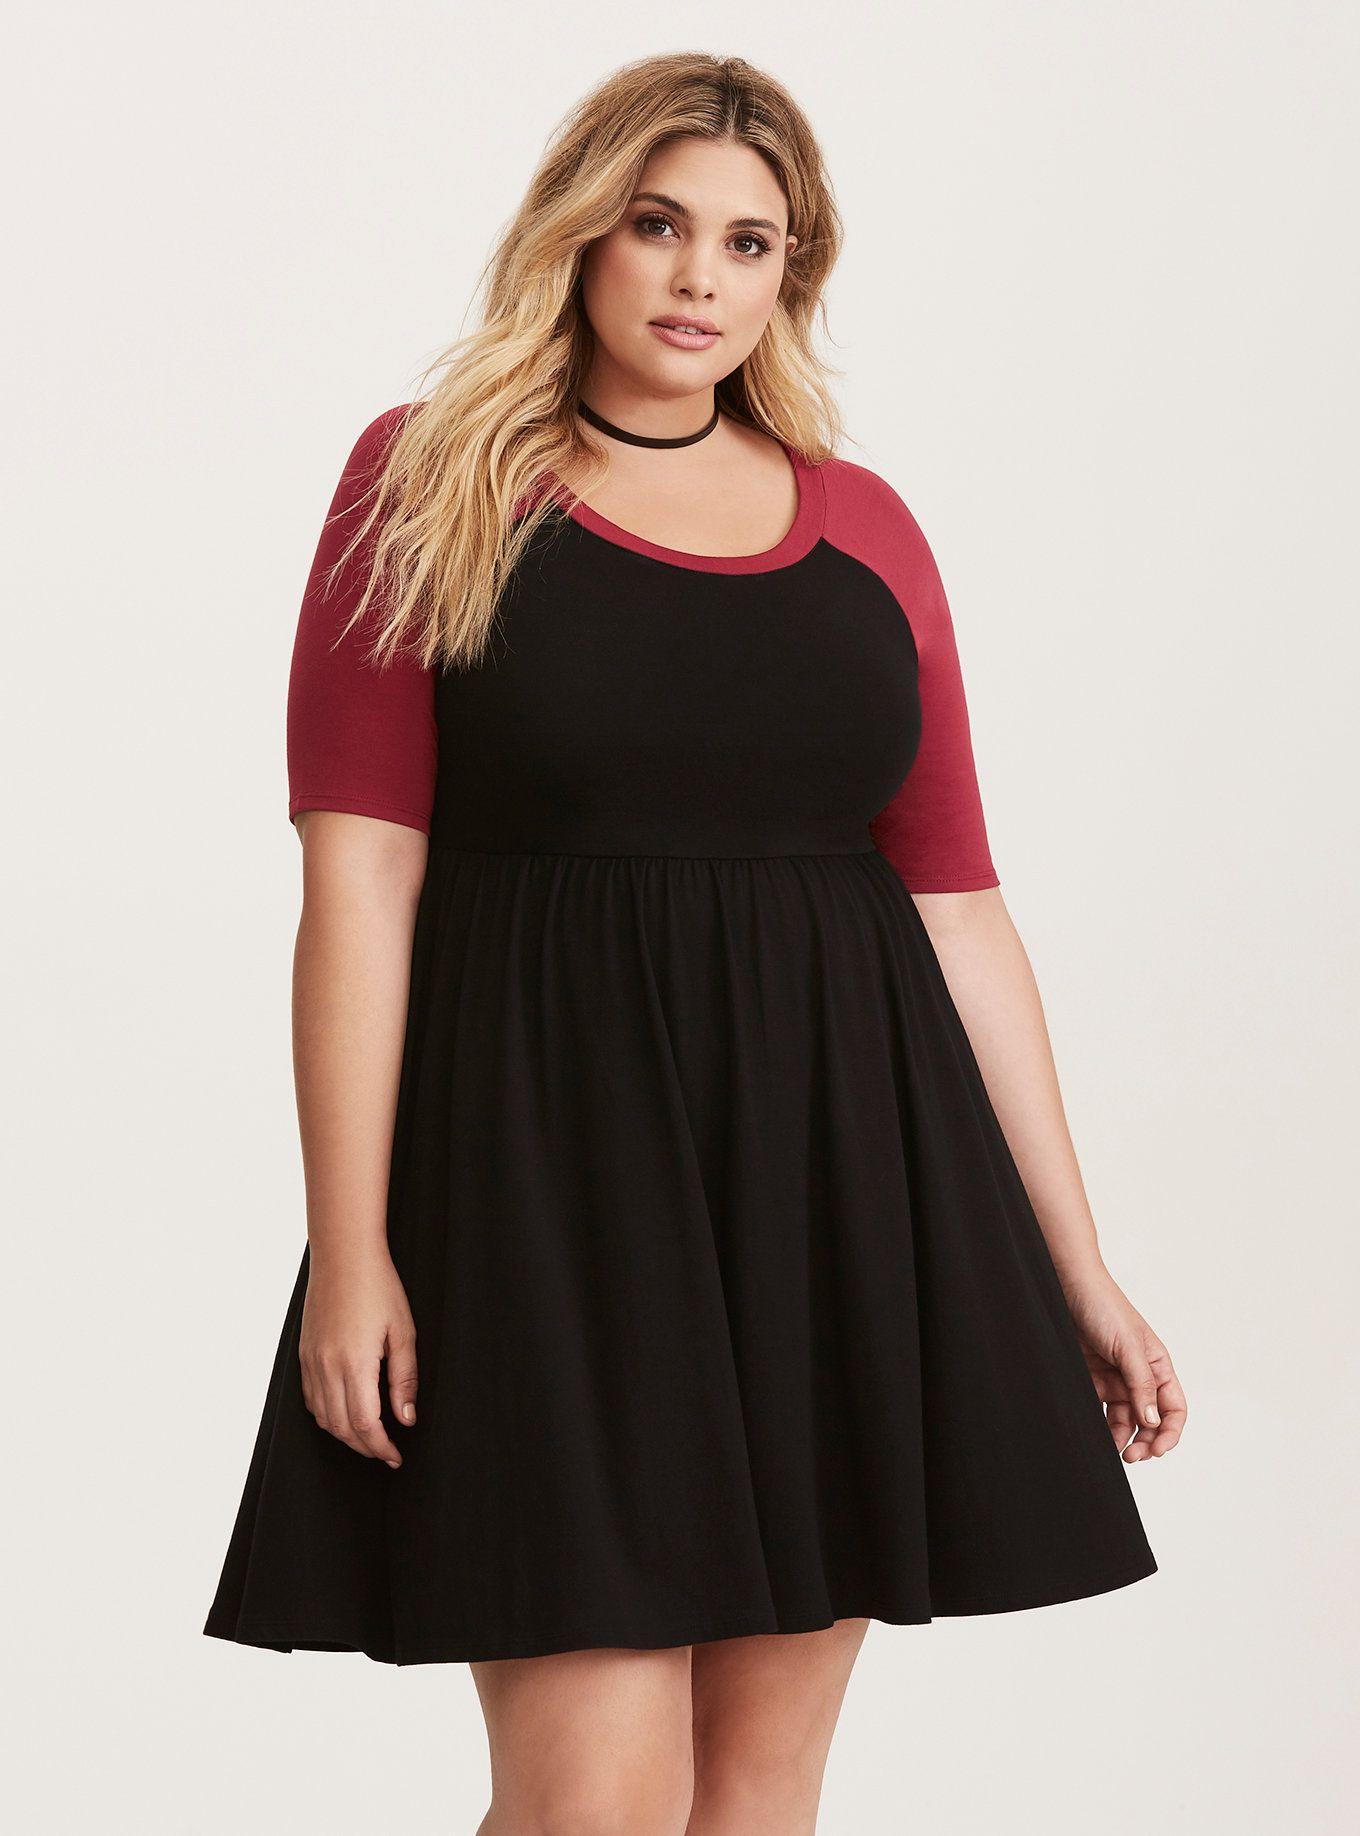 Beet red u black jersey raglan skater dress in fashion